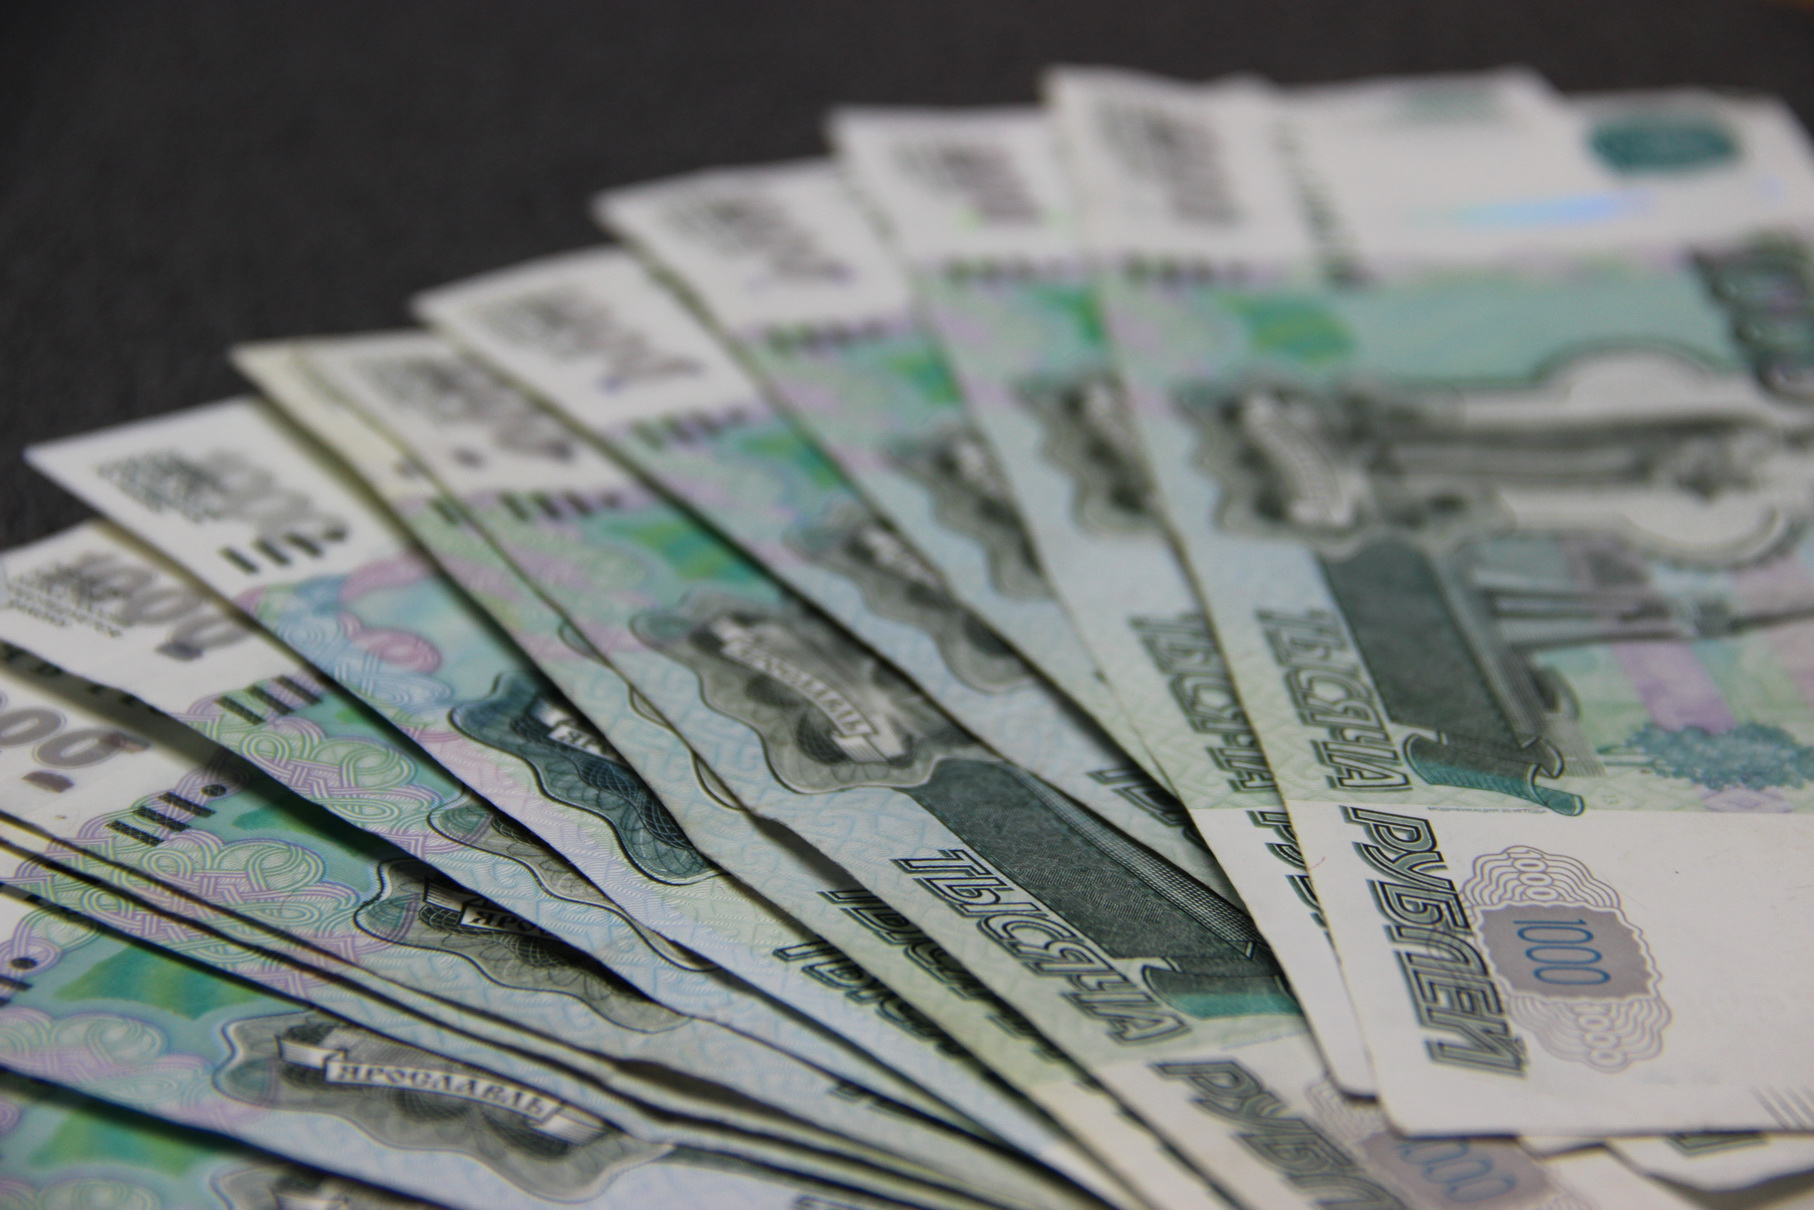 zajmy-do-100000-rublej-na-kartu_3